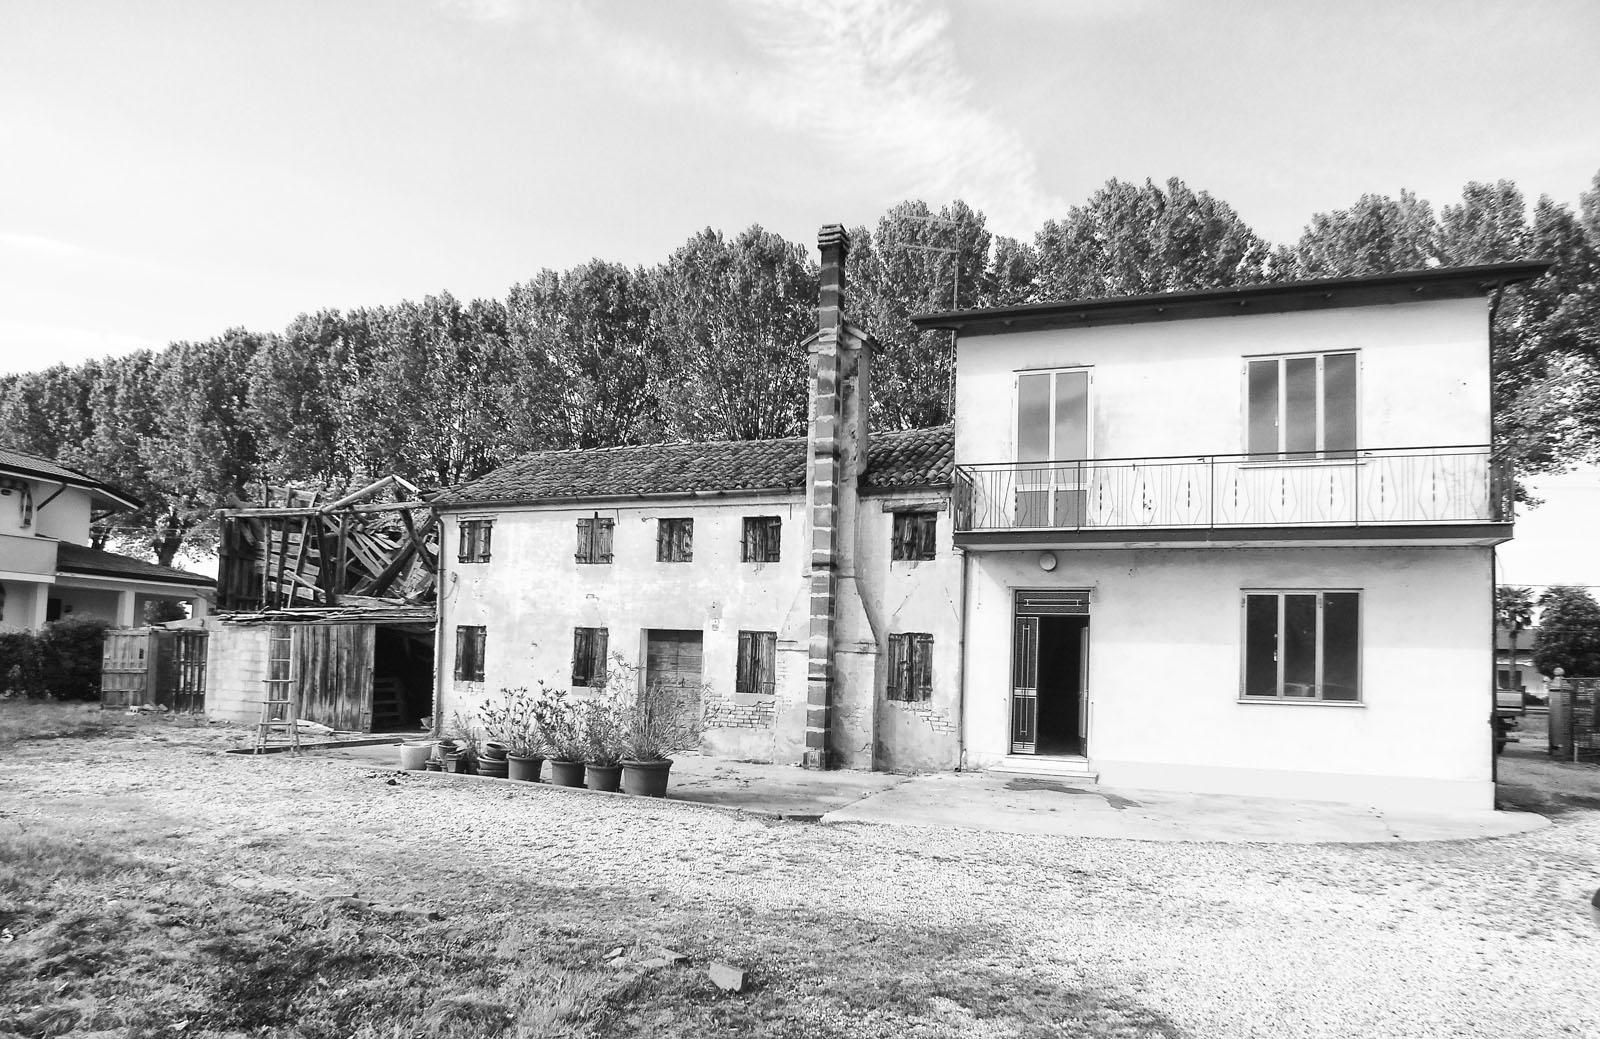 Quanto costa una casa vecchia elegant adeguamento sismico quanto costa ledilizia che pu salvare - Quanto costa il progetto di una casa ...